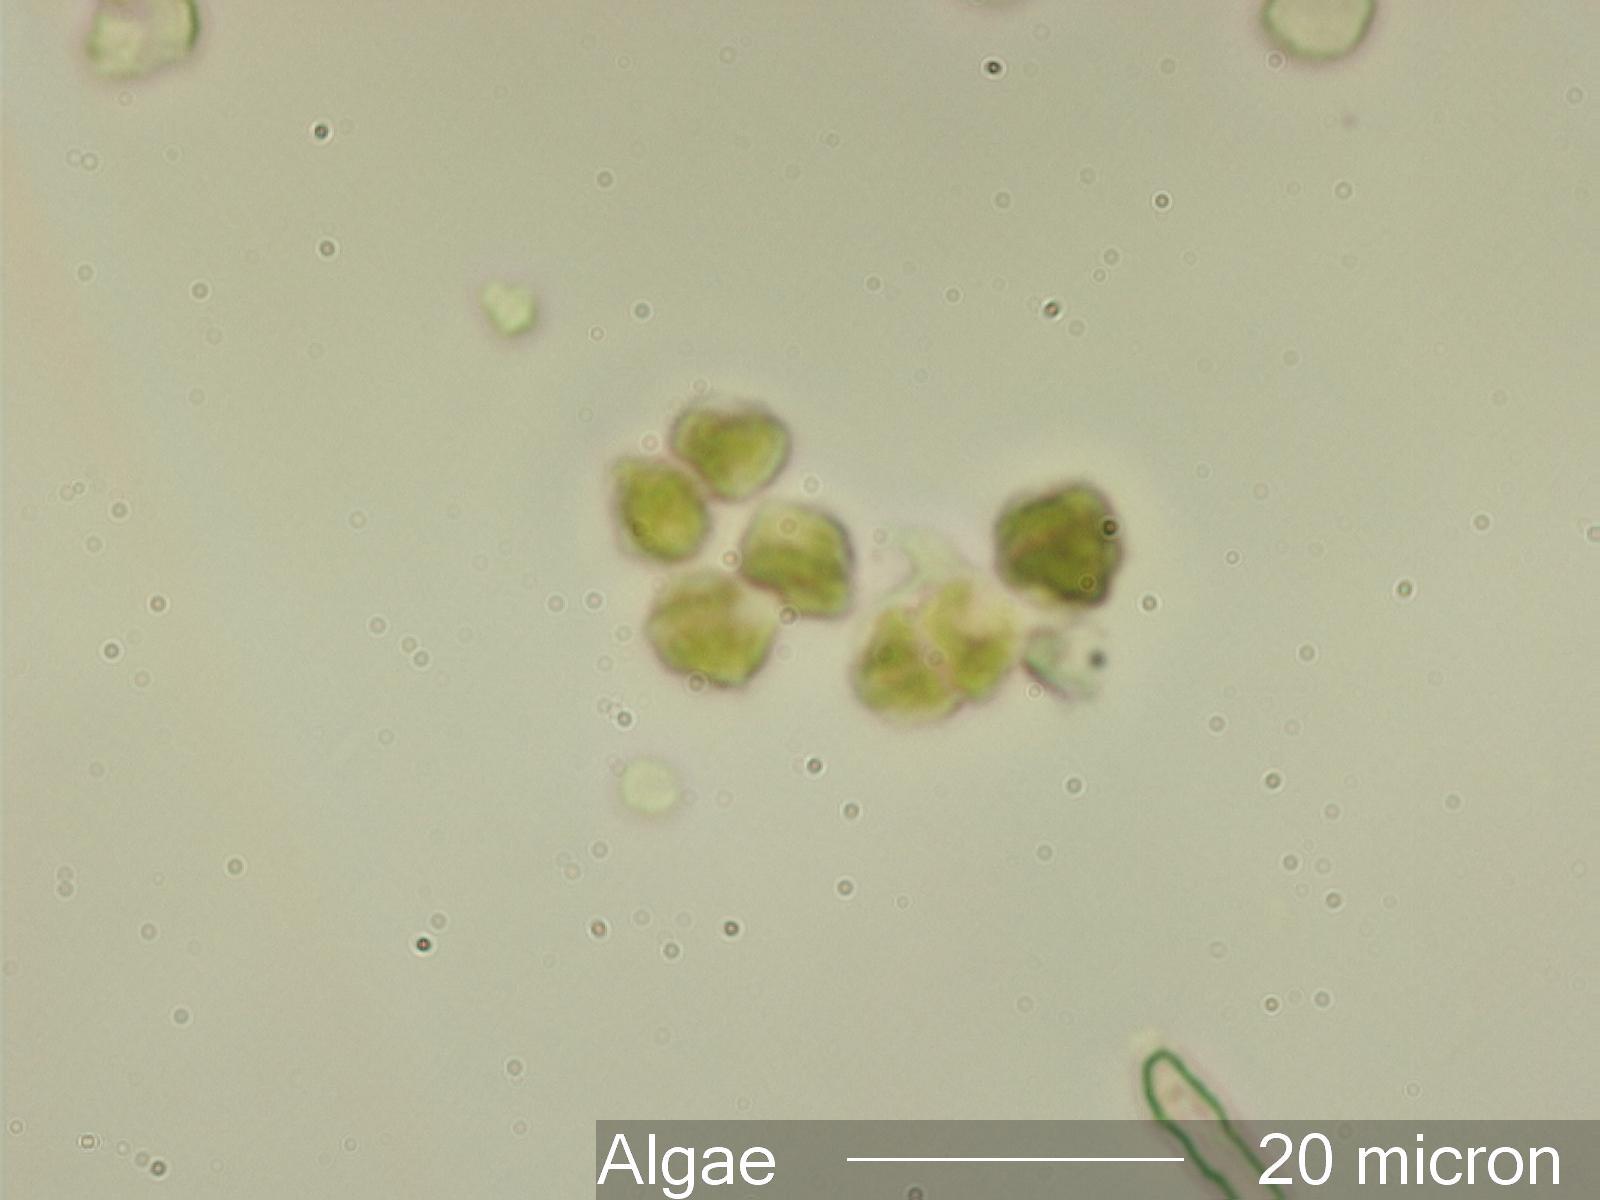 Airborne Algae Under the Microscope